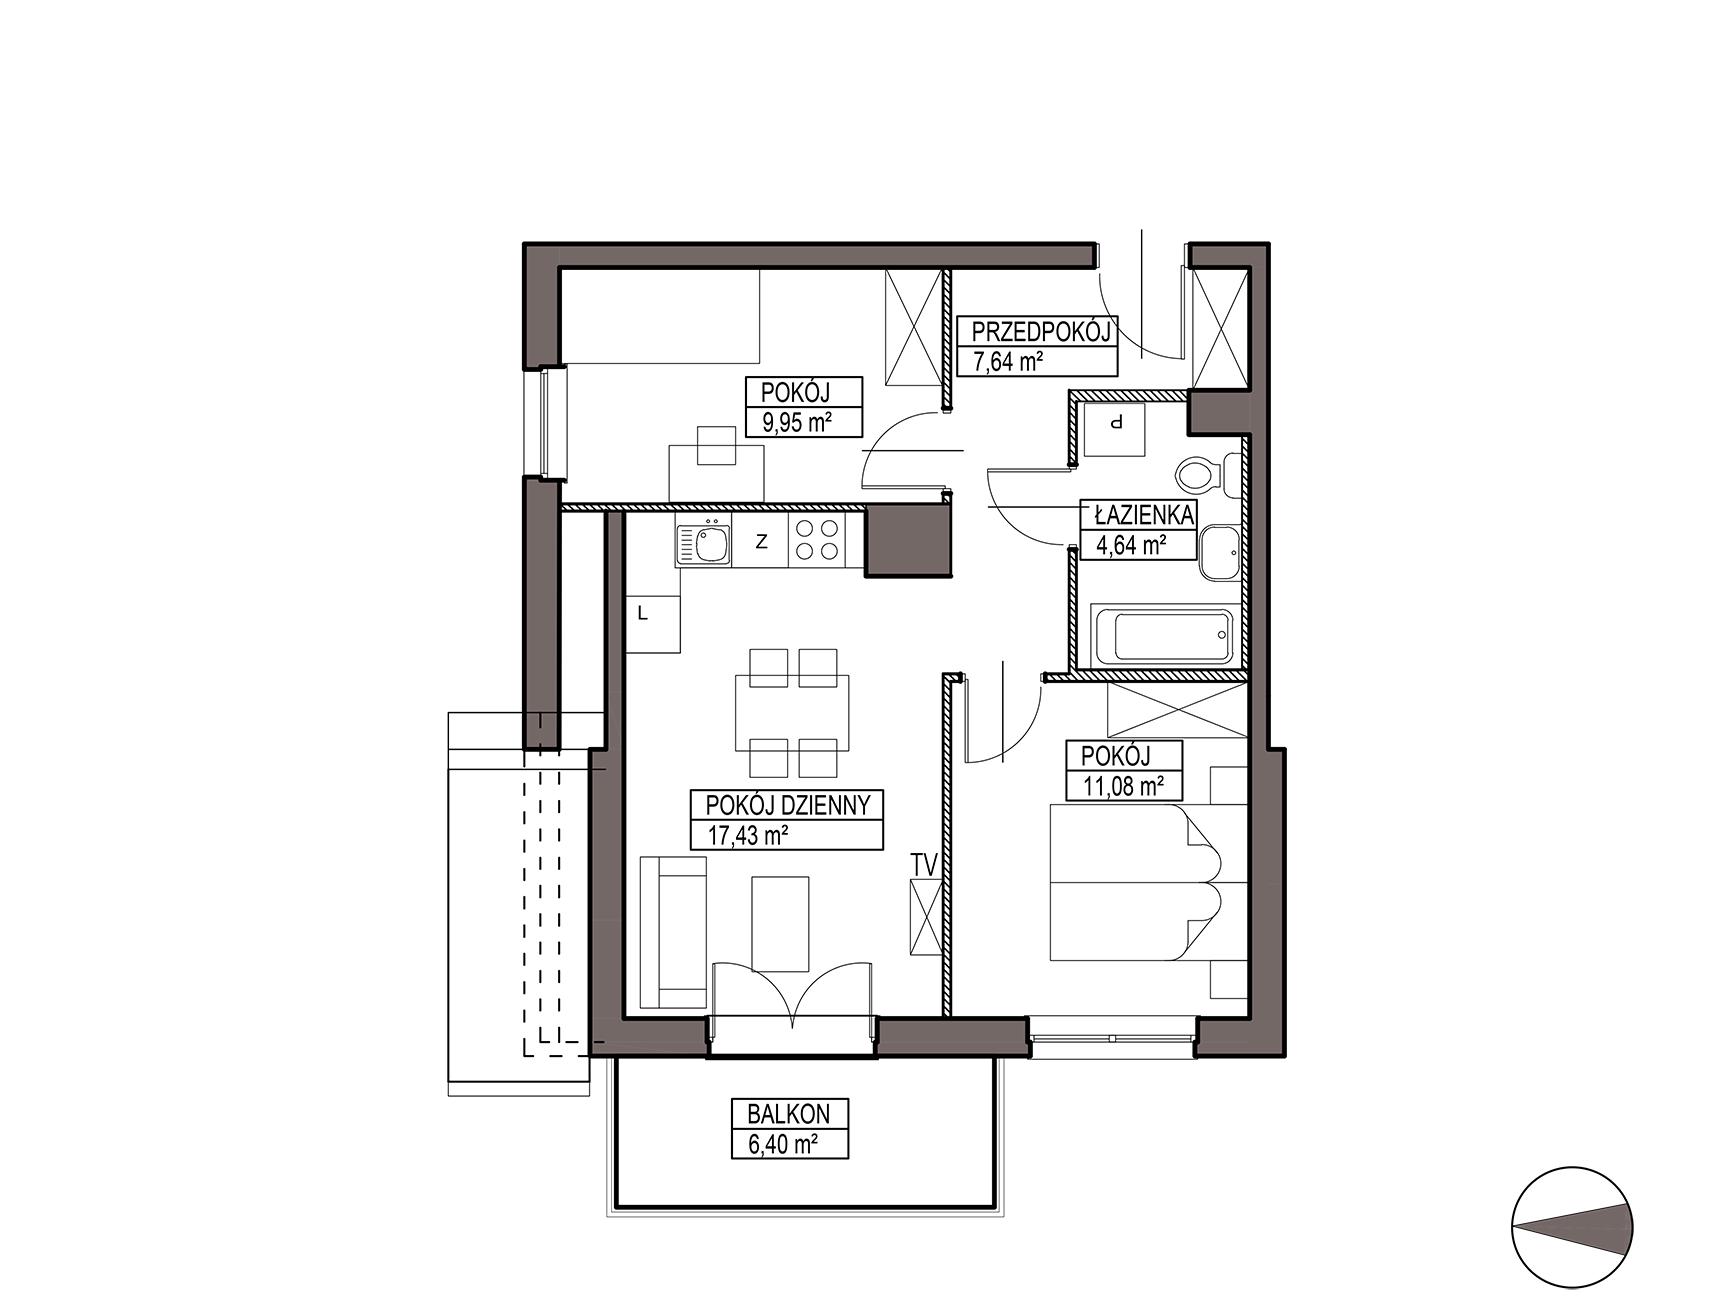 Uroczysko III / budynek 6 / mieszkanie H/3/29 rzut 1